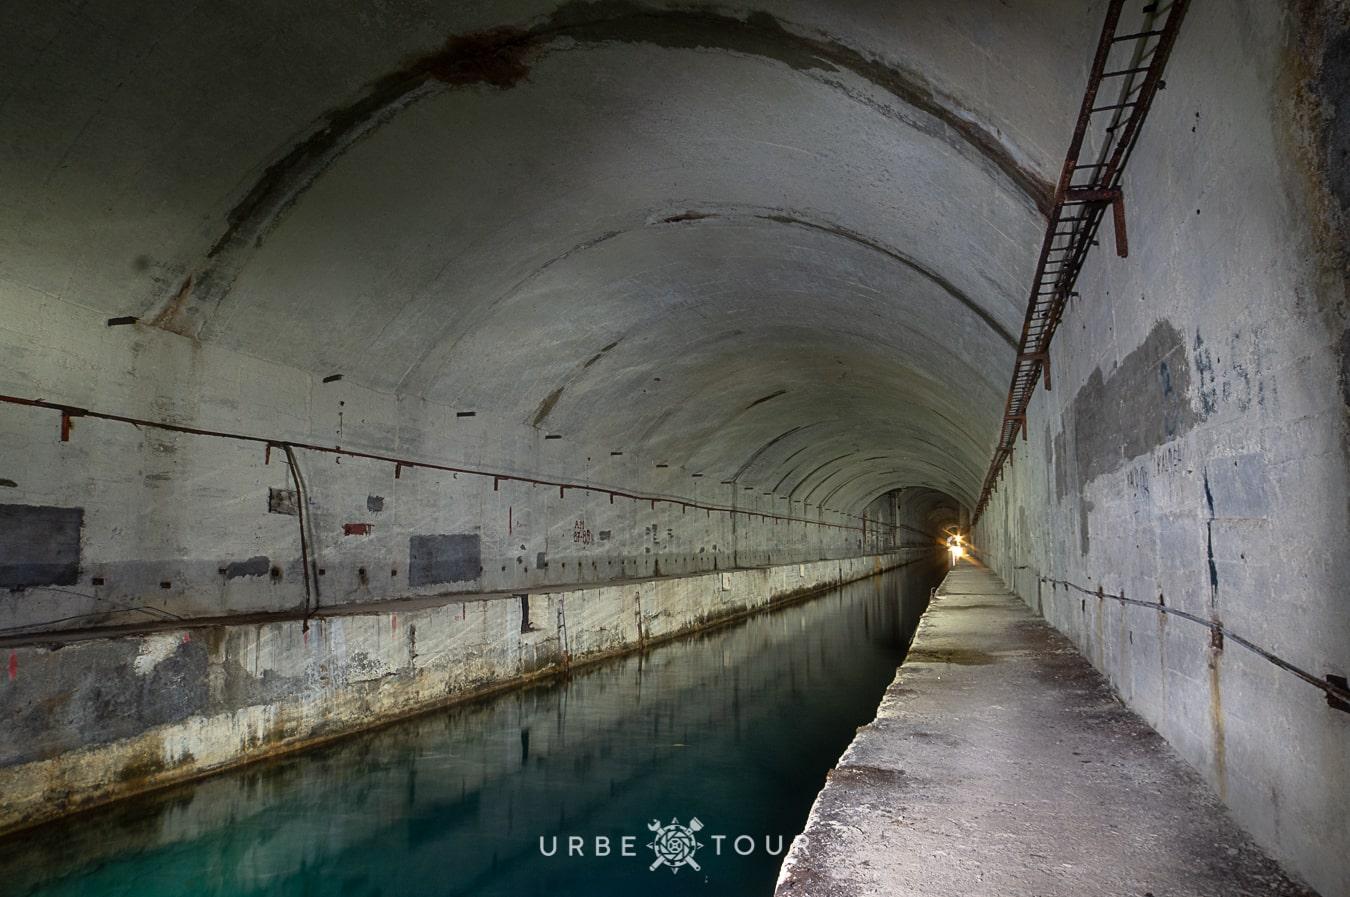 porto-palermo-submarine-base-albania-11 Подземная база для подводных лодок в Порто Палермо, Албания